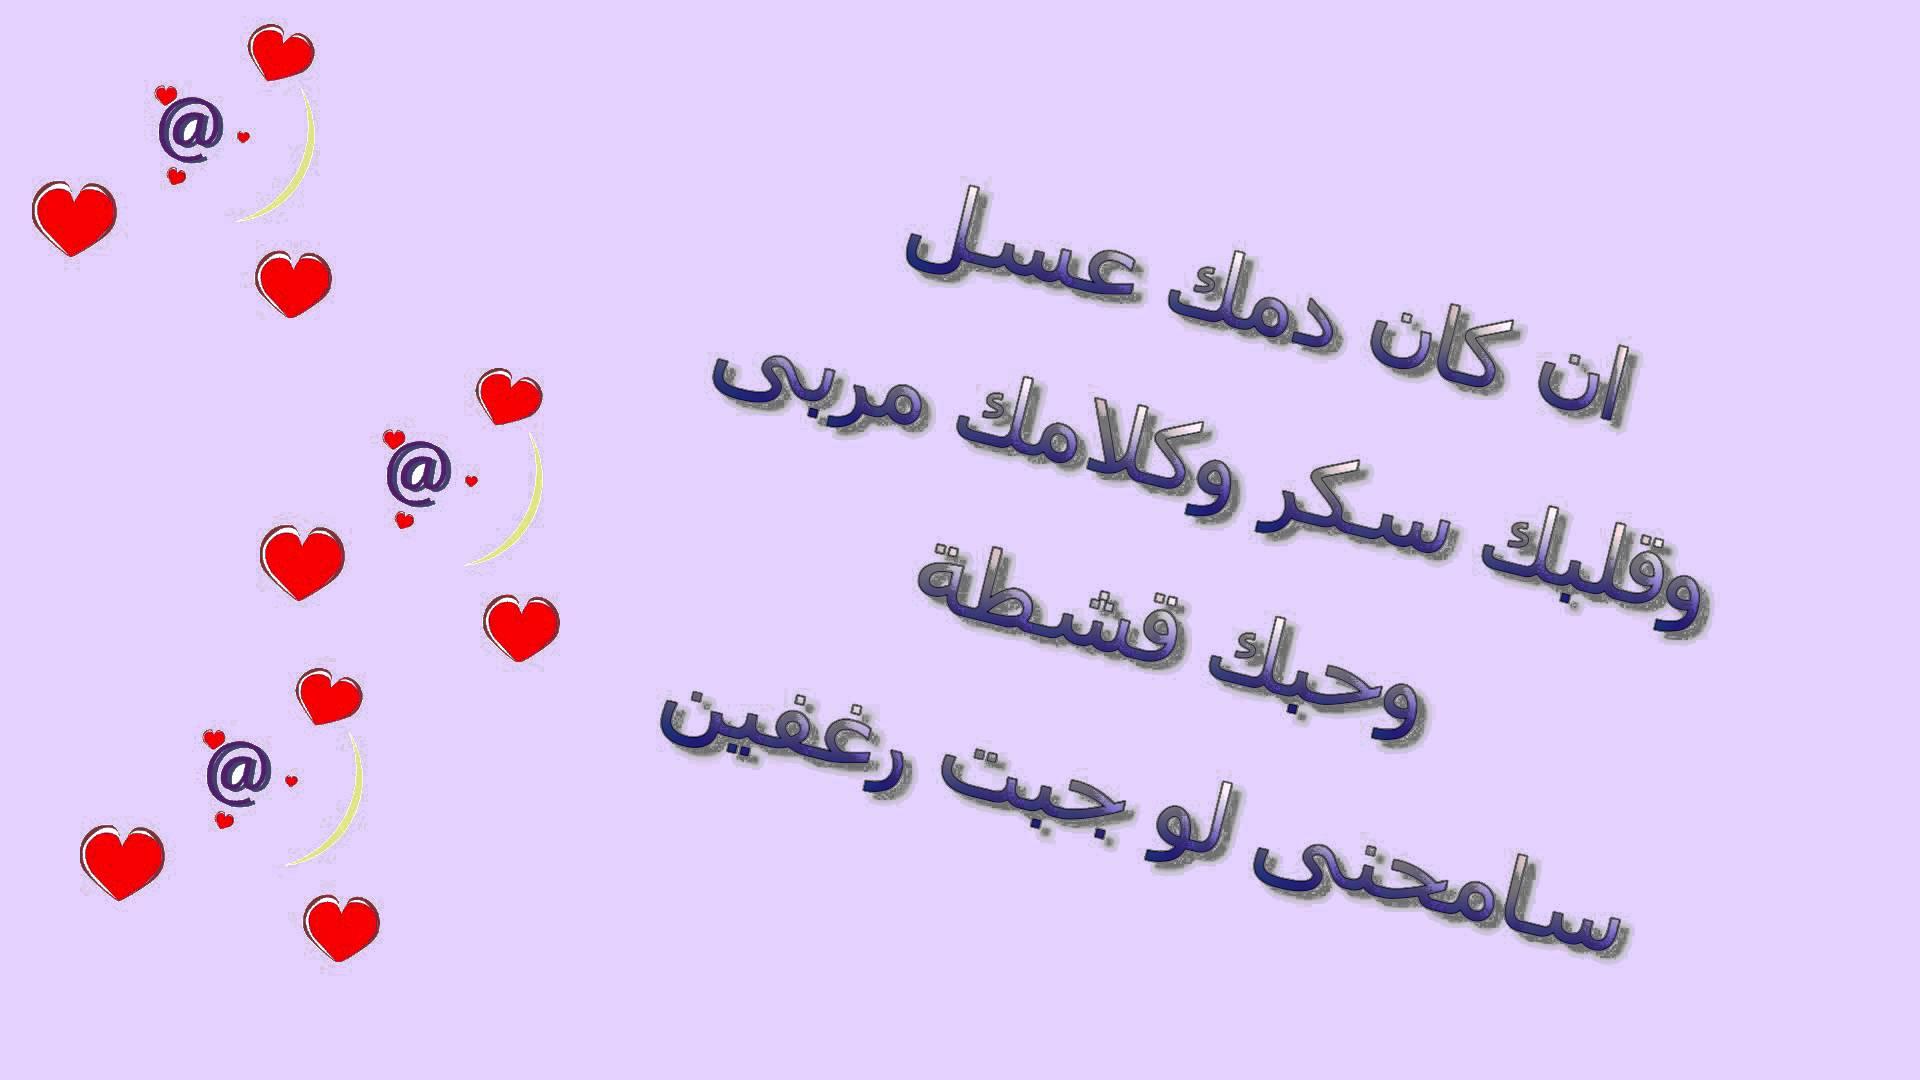 بالصور اروع رسائل الحب , رسائل رومانسية قصيرة 5103 5